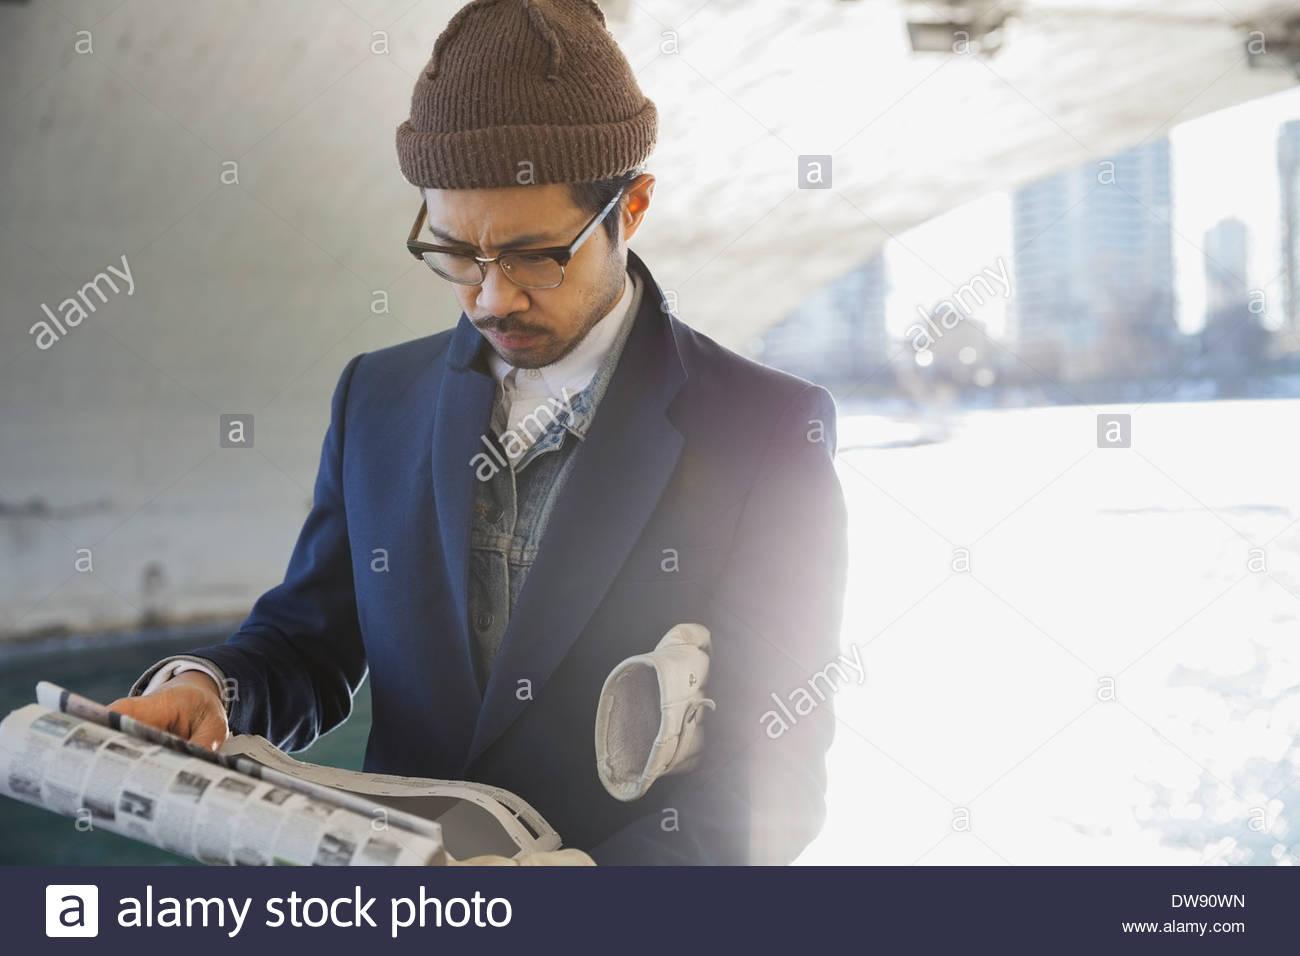 Hombre leyendo el periódico debajo del puente Imagen De Stock